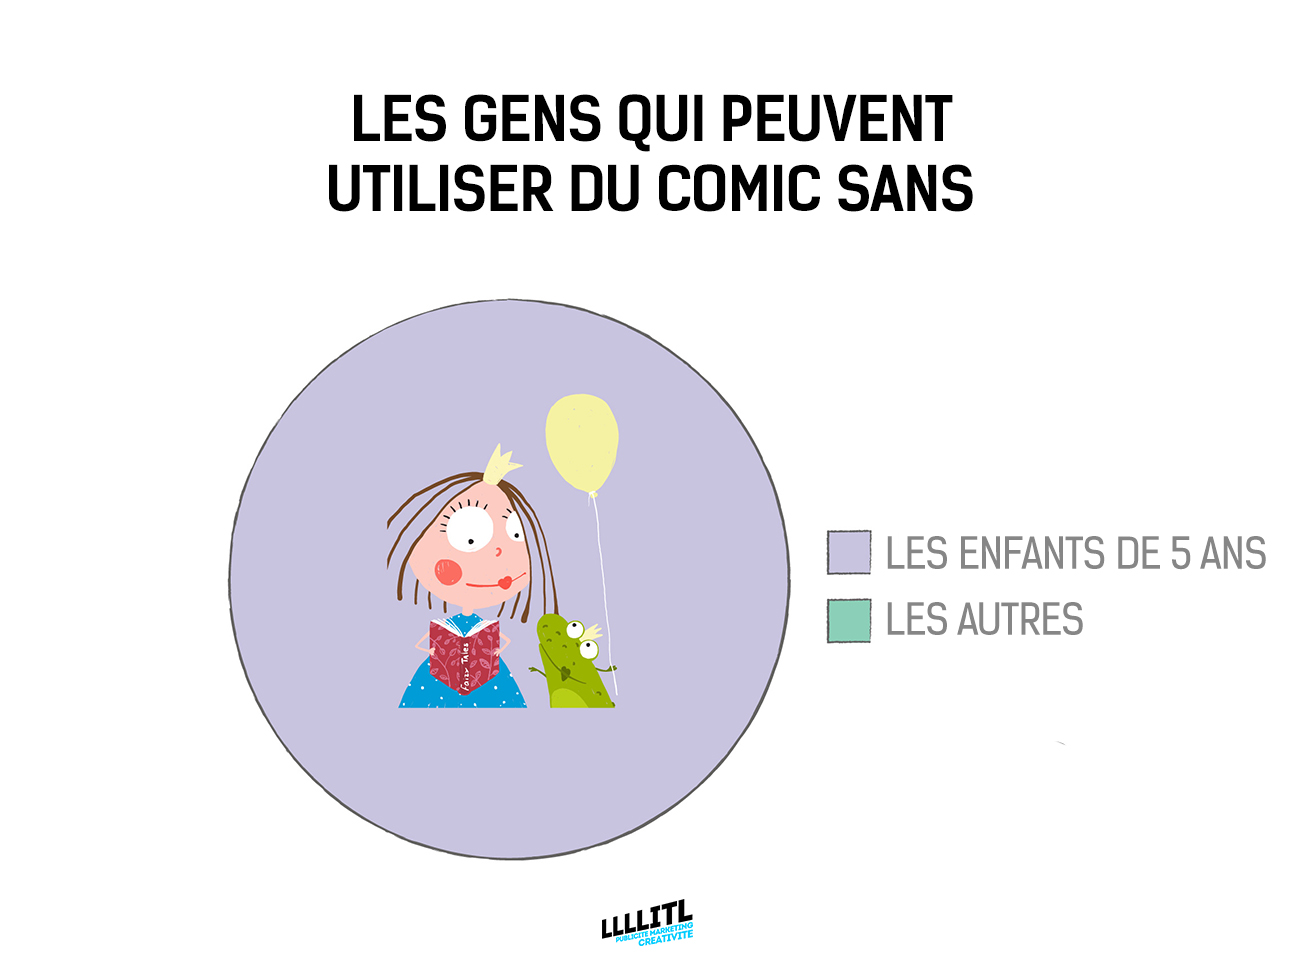 directeur-artistique-graphiste-creatif-caricature-problemes-graphiques-agence-publicite-3